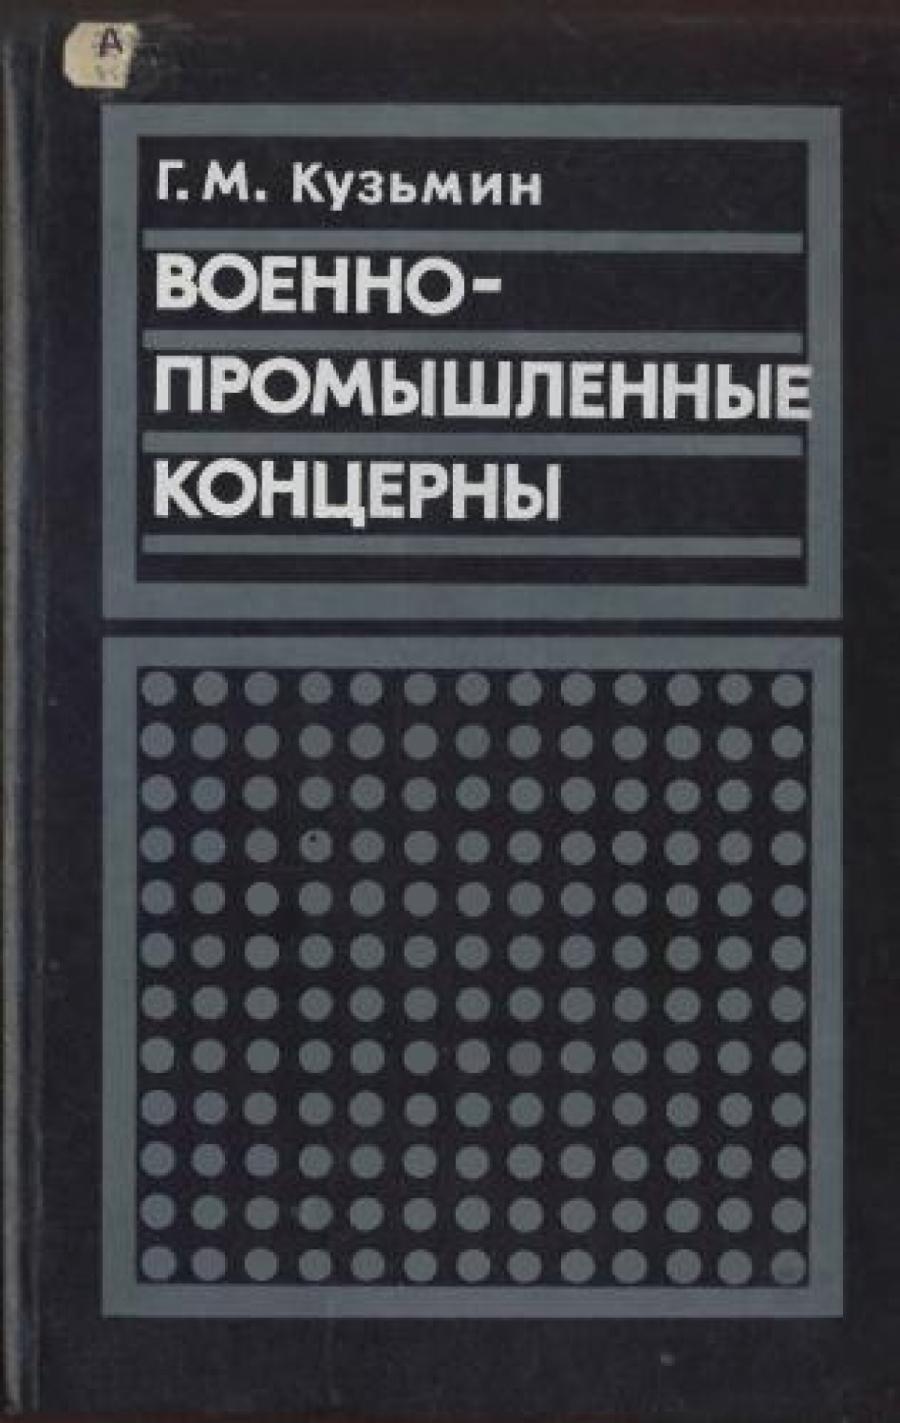 Обложка книги:  кузьмин г.м. - военно-промышленные концерны